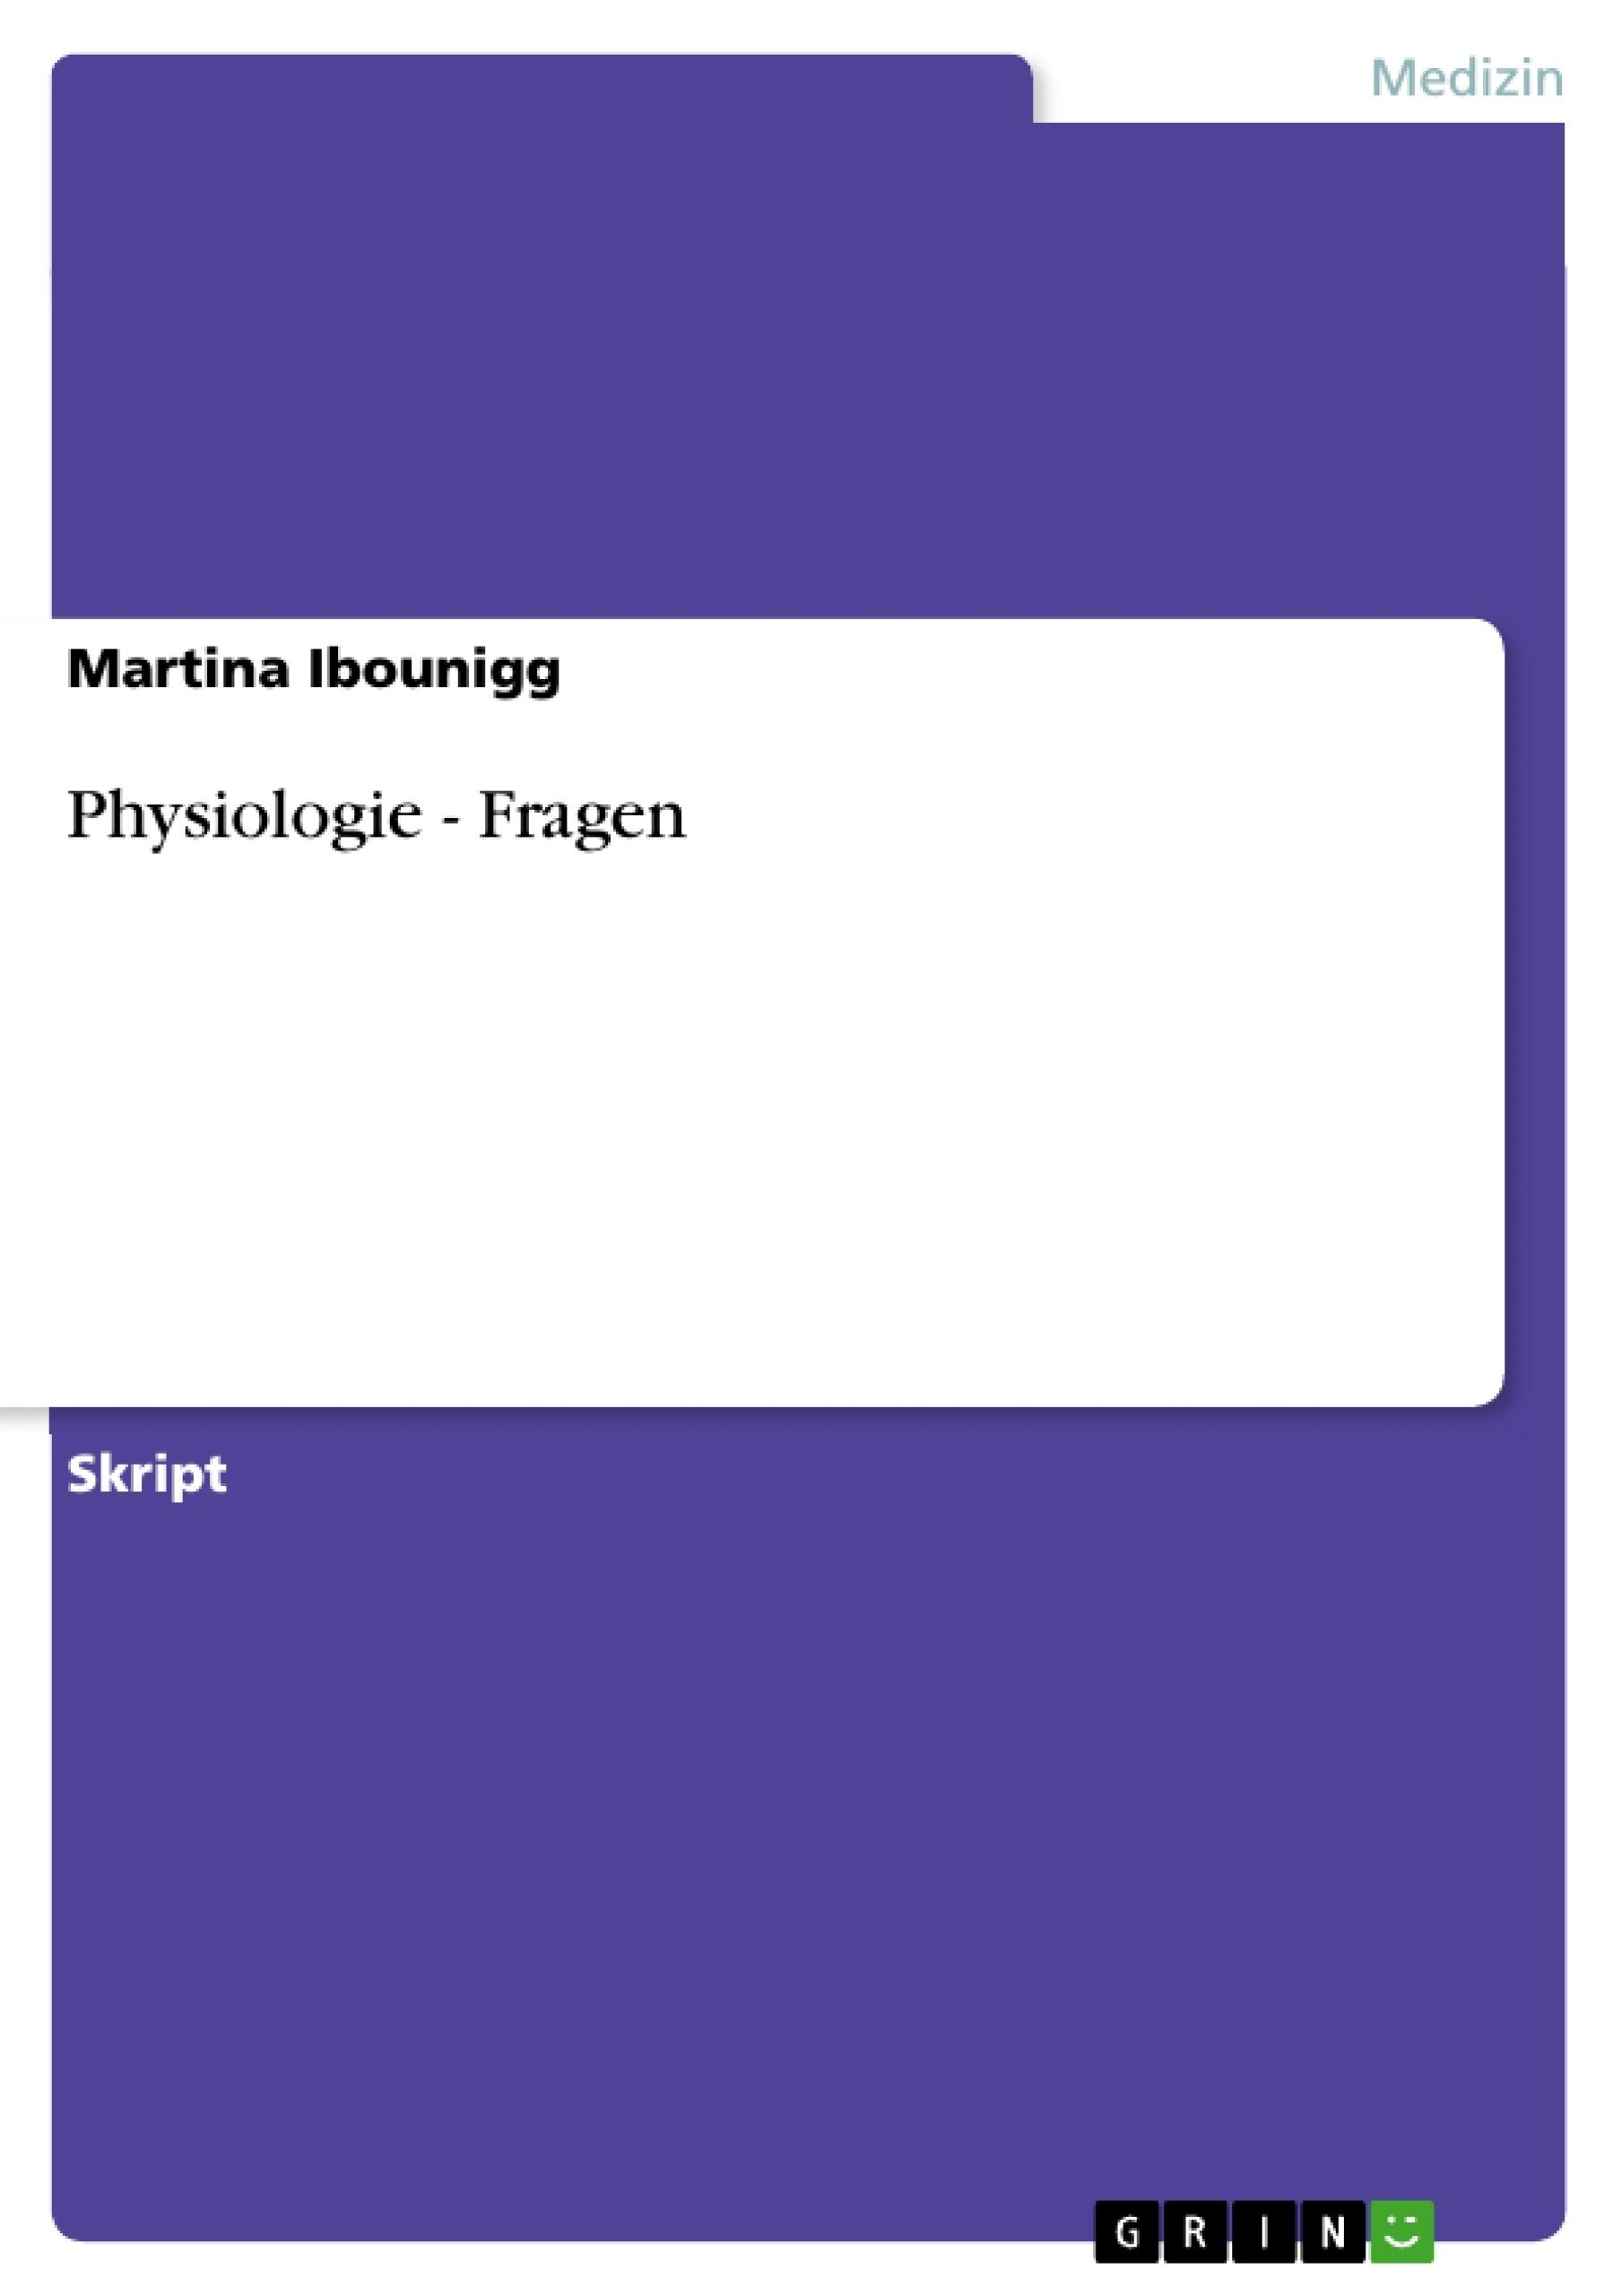 Physiologie - Fragen | Masterarbeit, Hausarbeit, Bachelorarbeit ...